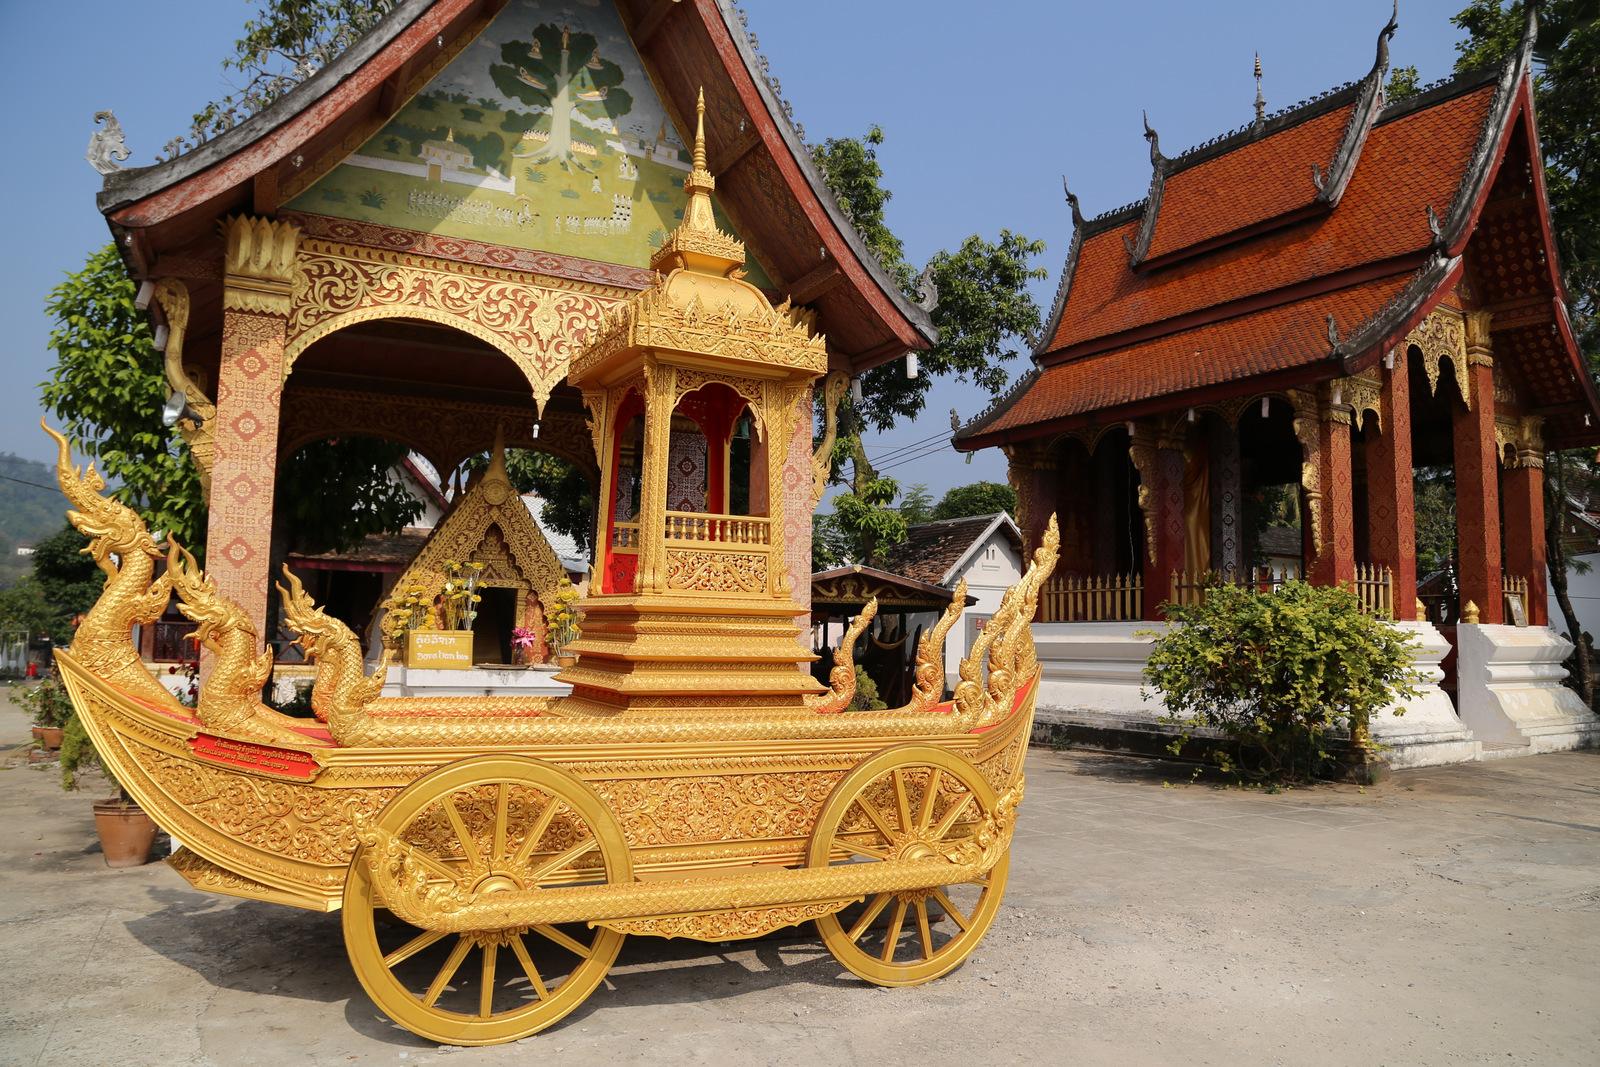 Luang Prabang - Wat Sen Soukharam